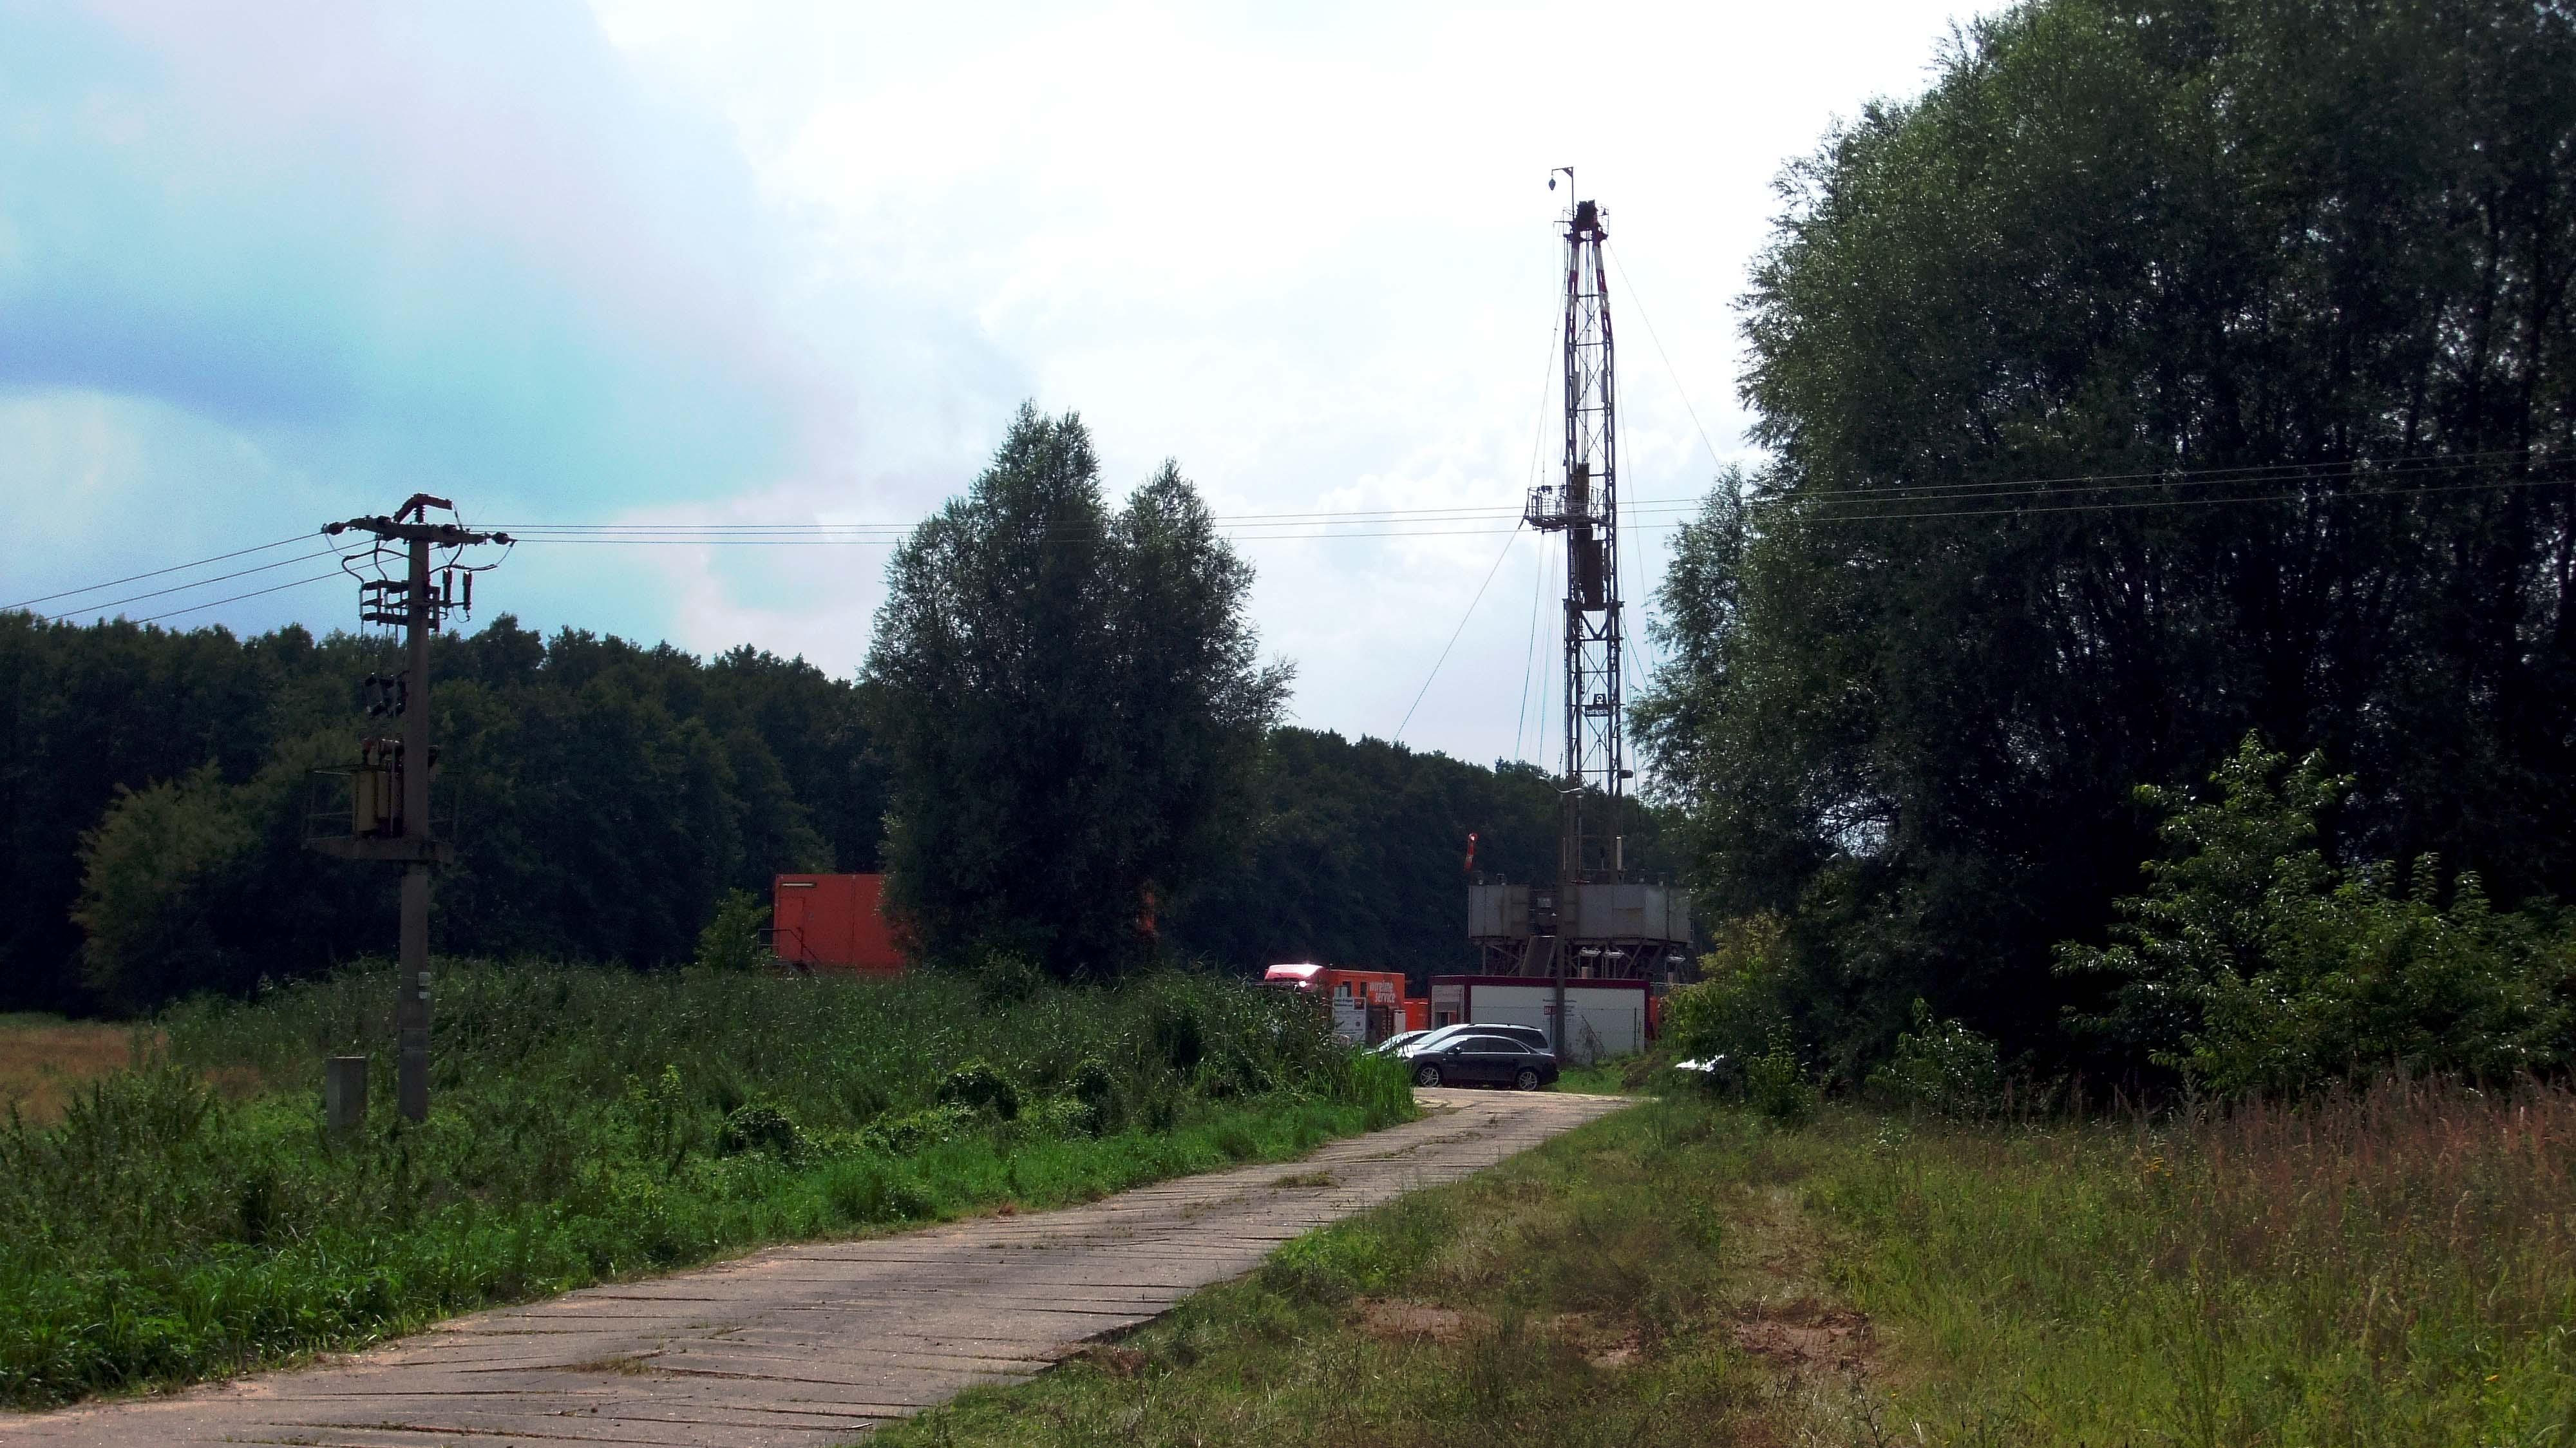 Workovereinsatz auf eine Erdgasbohrung in der Altmark. Sommer 2014. chef79